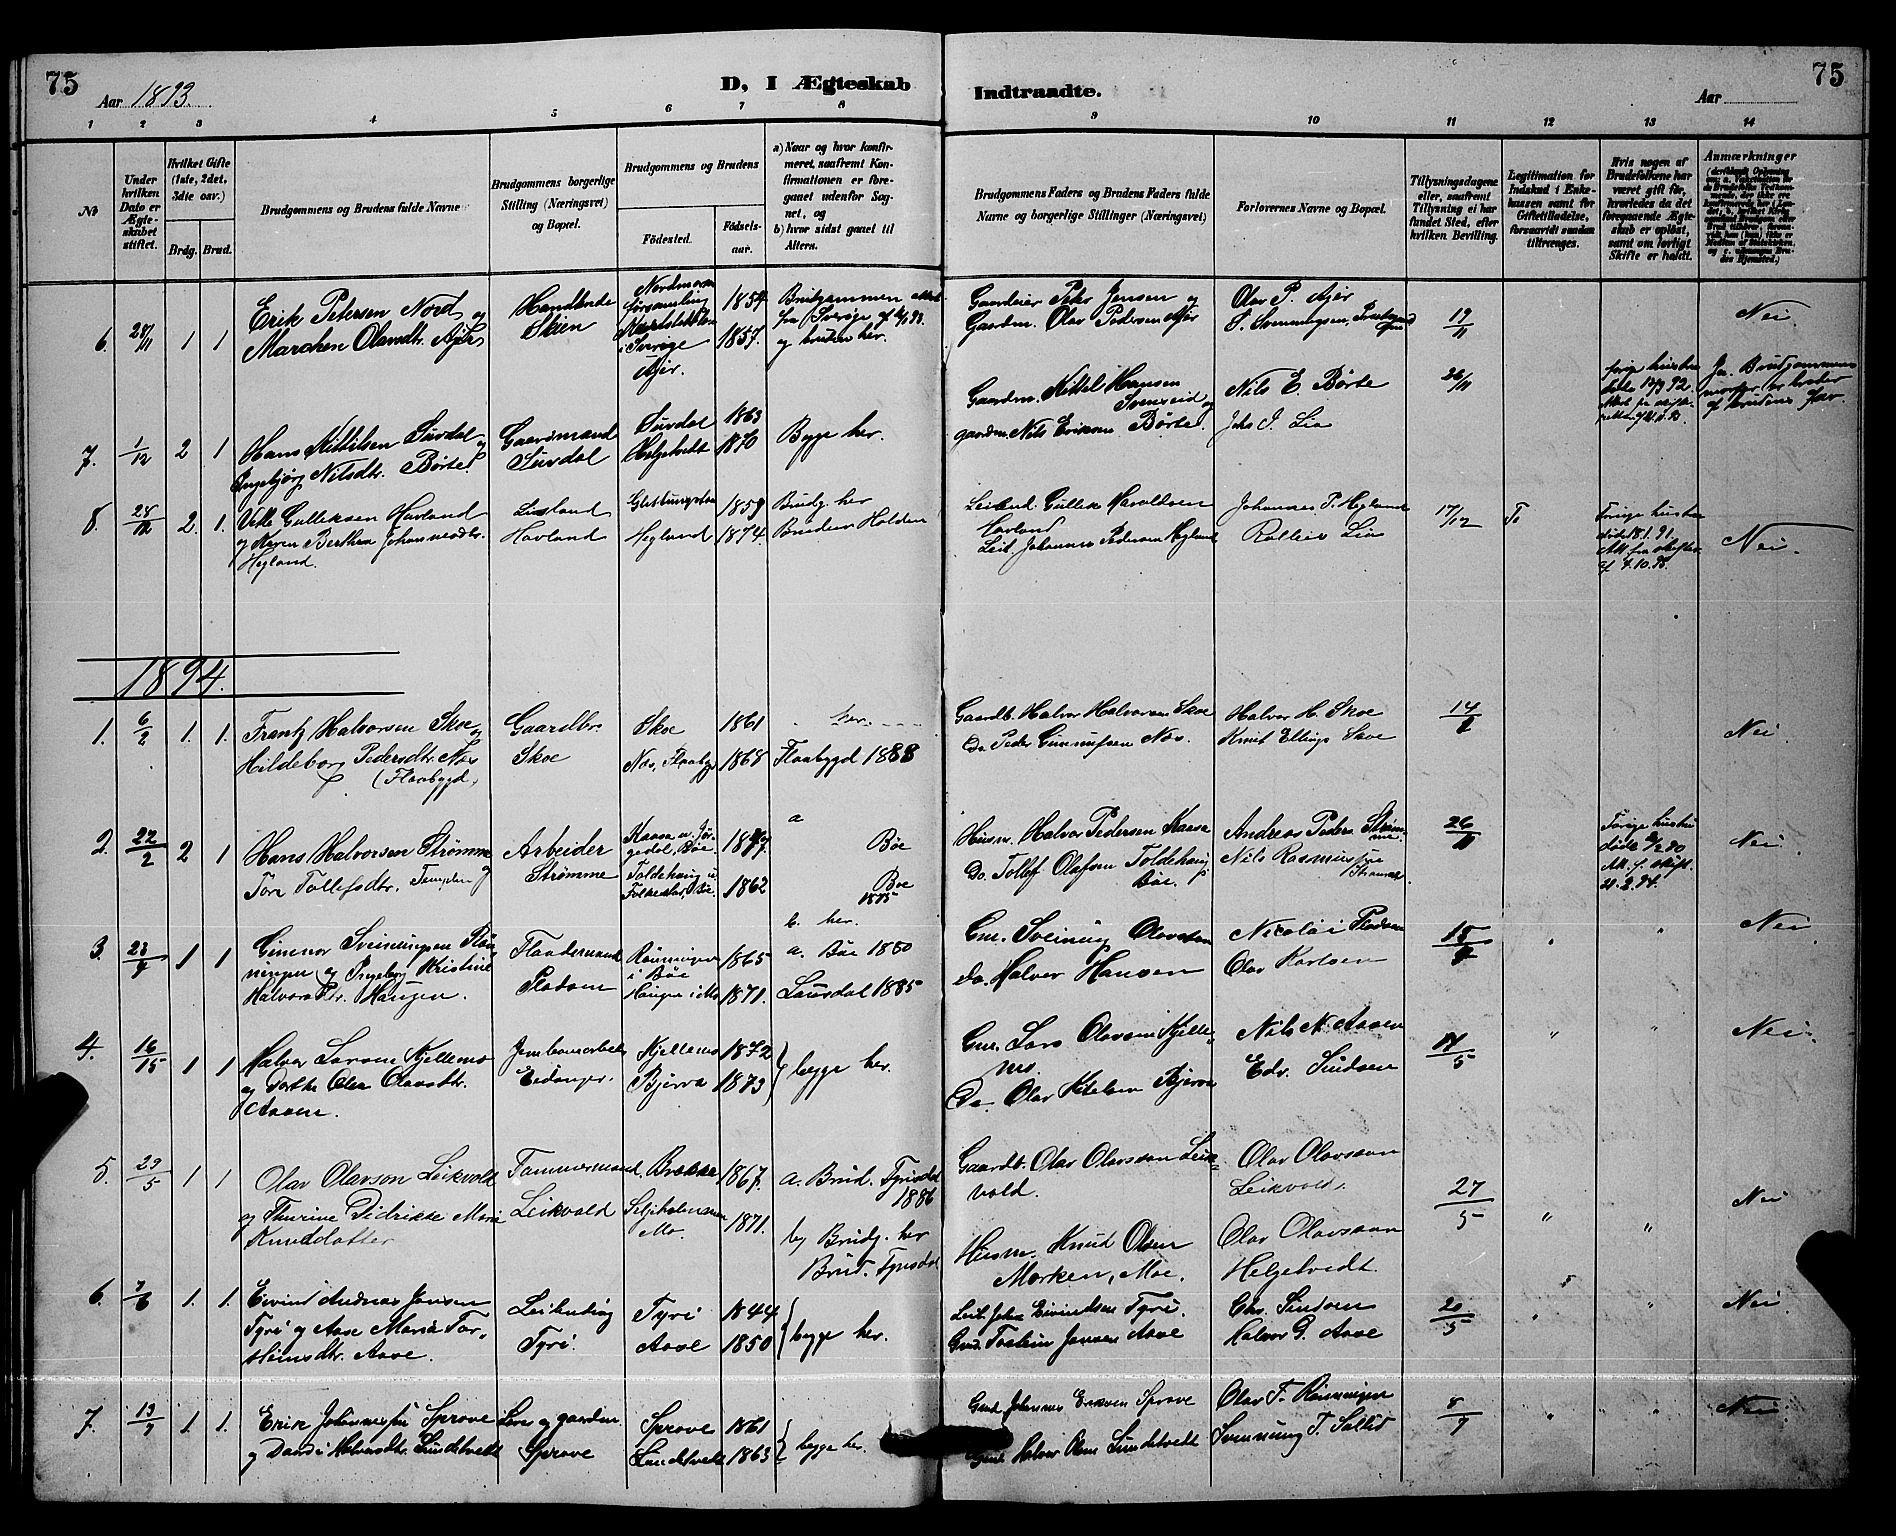 SAKO, Lunde kirkebøker, G/Ga/L0002: Klokkerbok nr. I 2, 1887-1896, s. 75